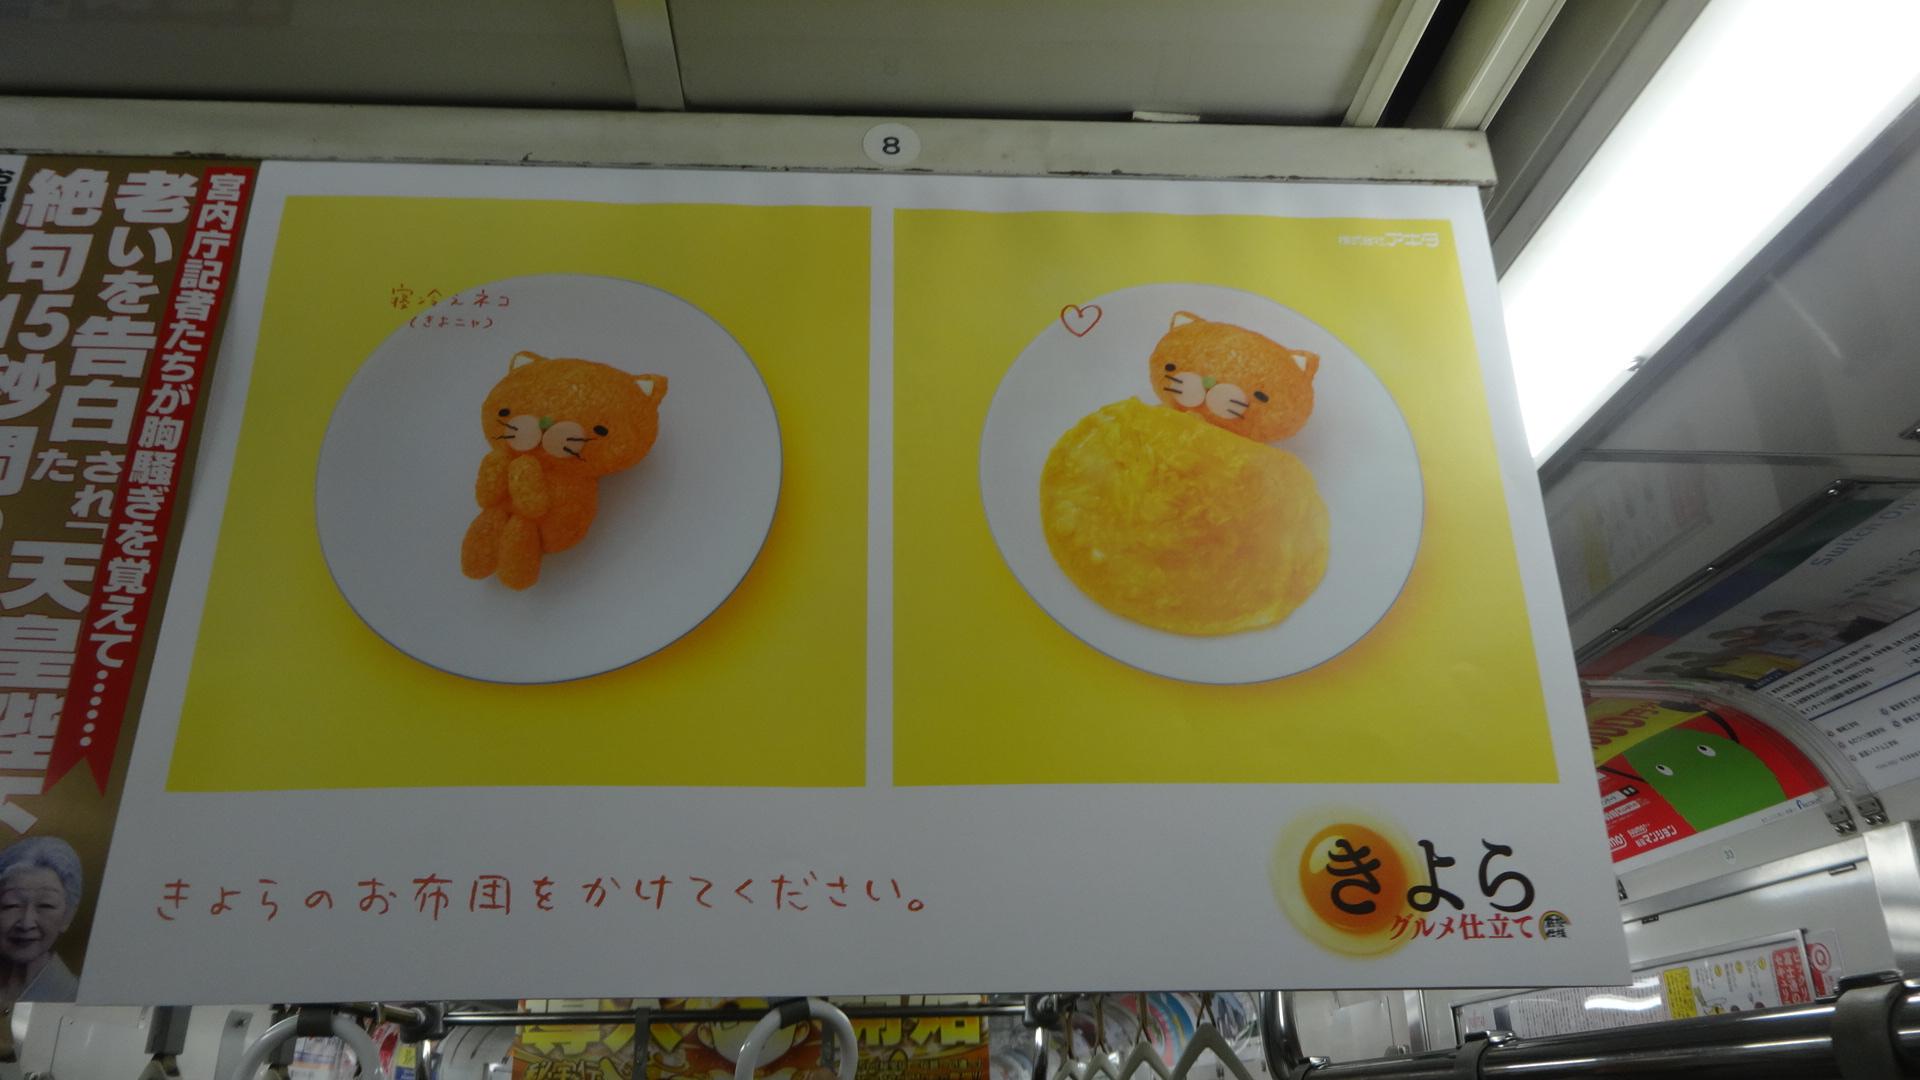 きよらの中吊り広告